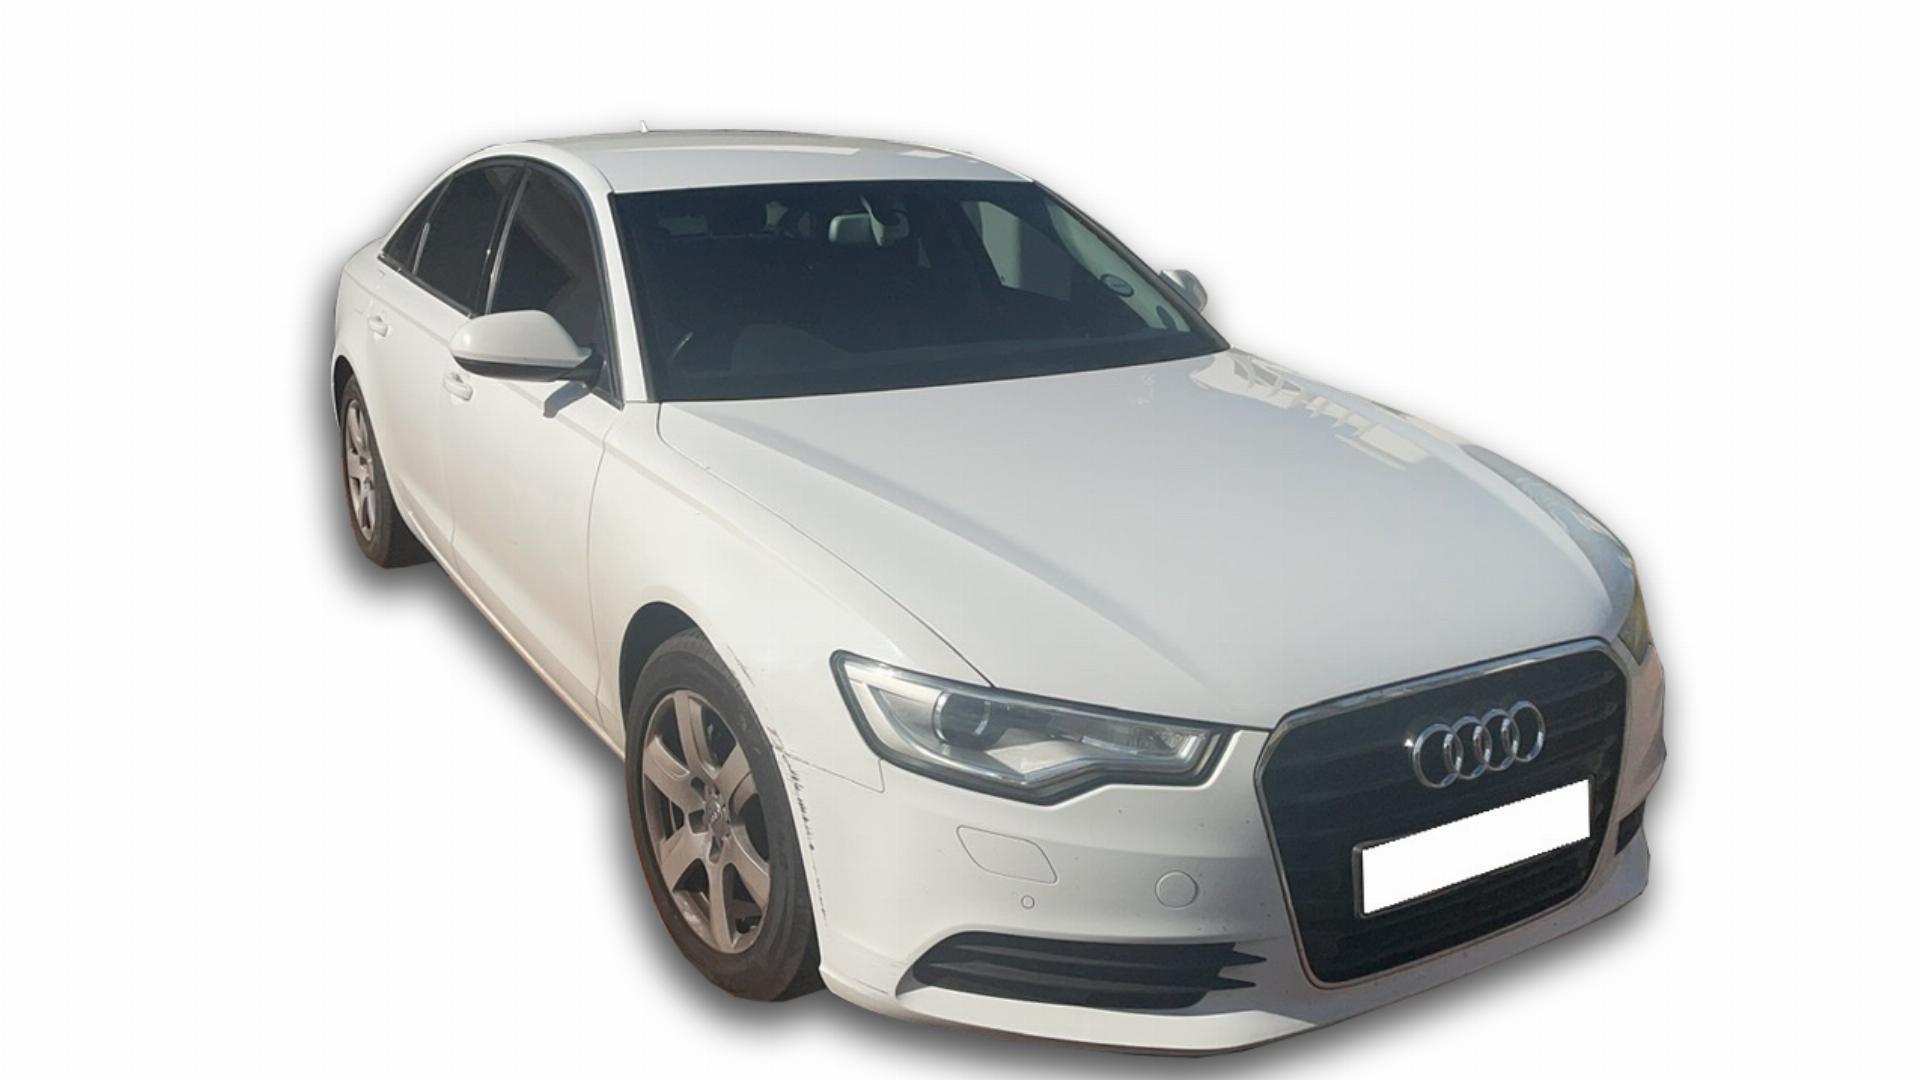 Audi A6 3.0 TDI. Auto